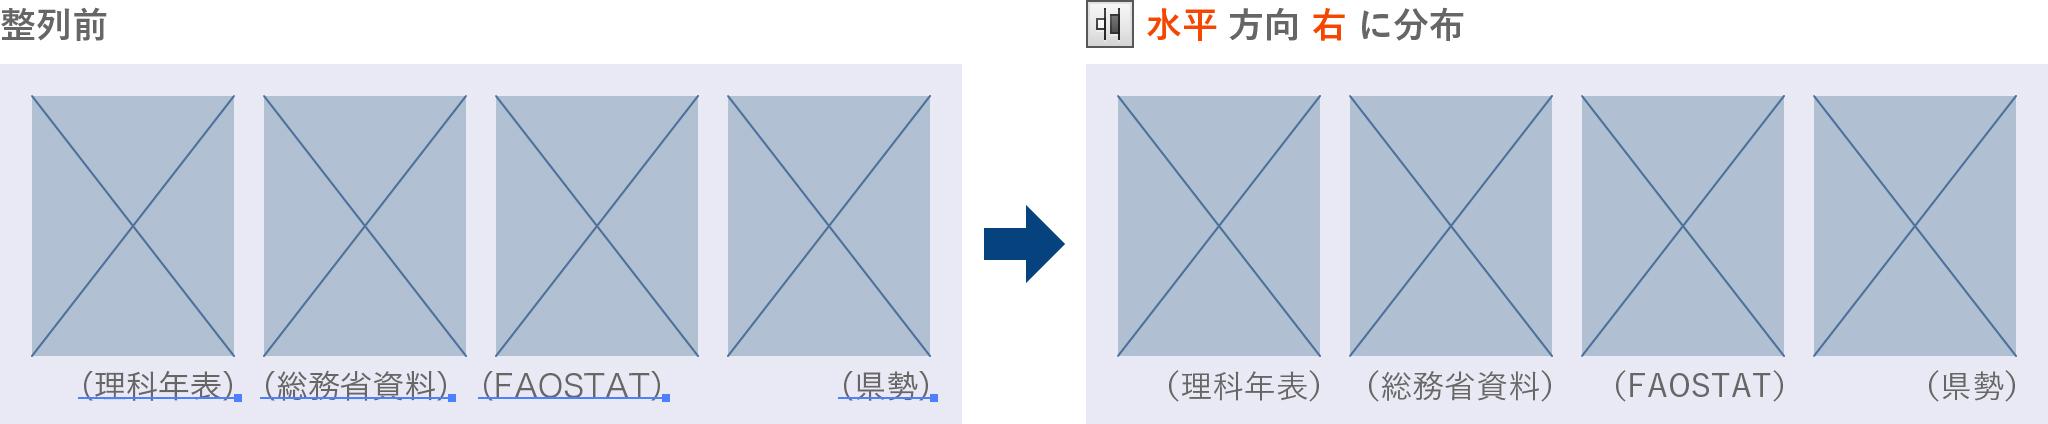 右揃えの出典を水平方向右に分布で整列する図版